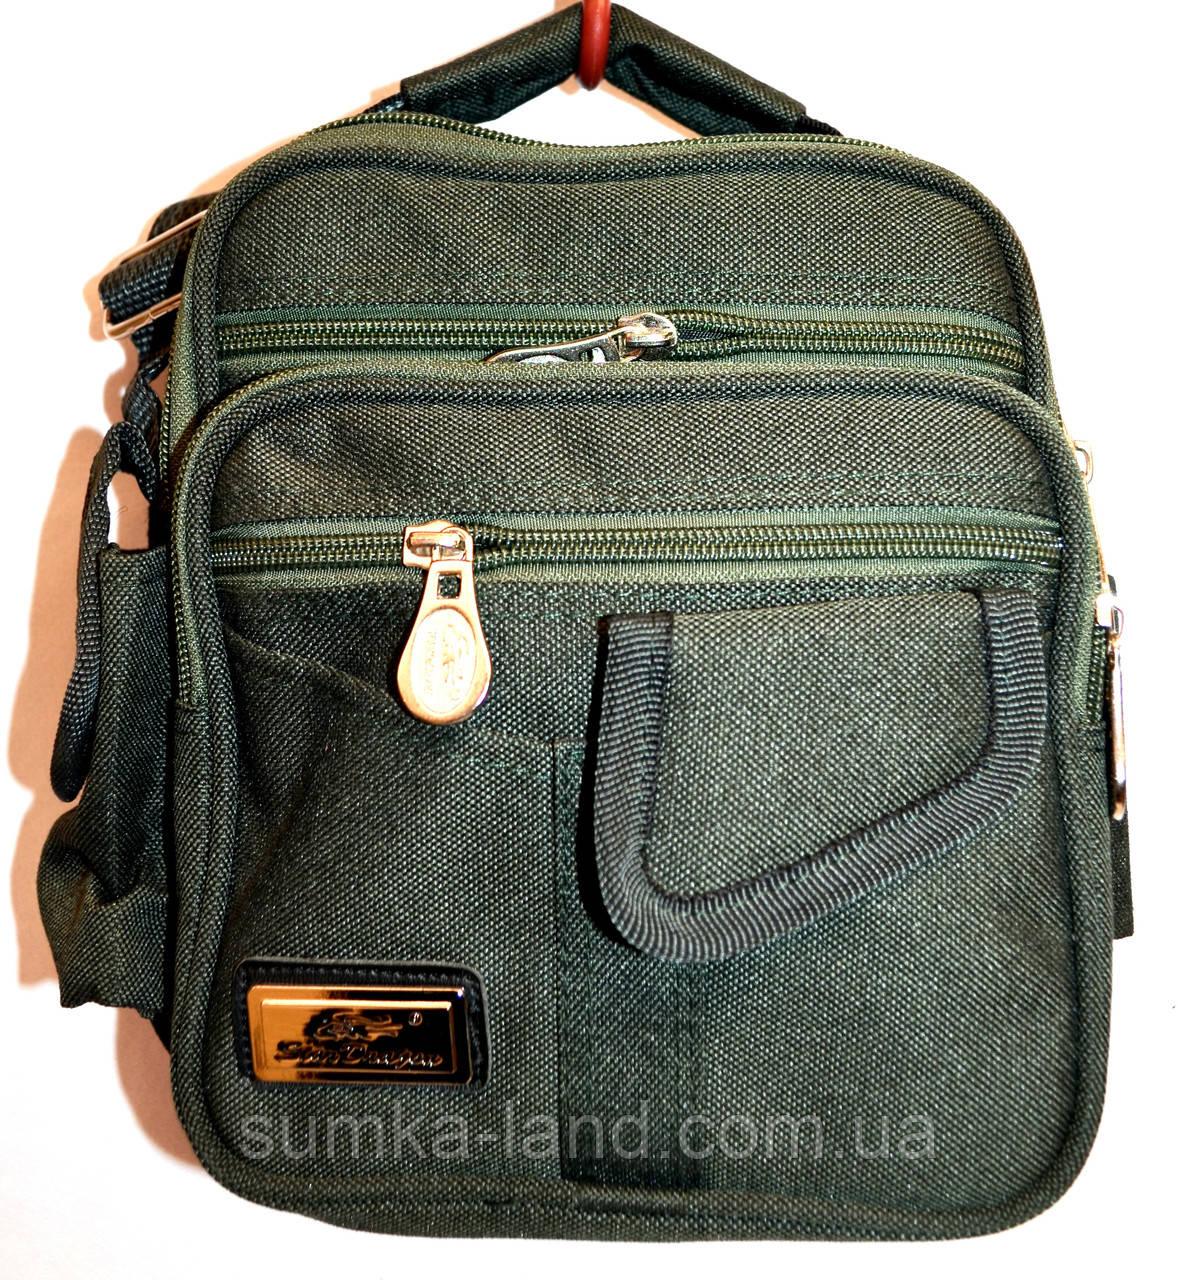 Текстильные мужские барсетки и сумки на плечо (ХАКИ)